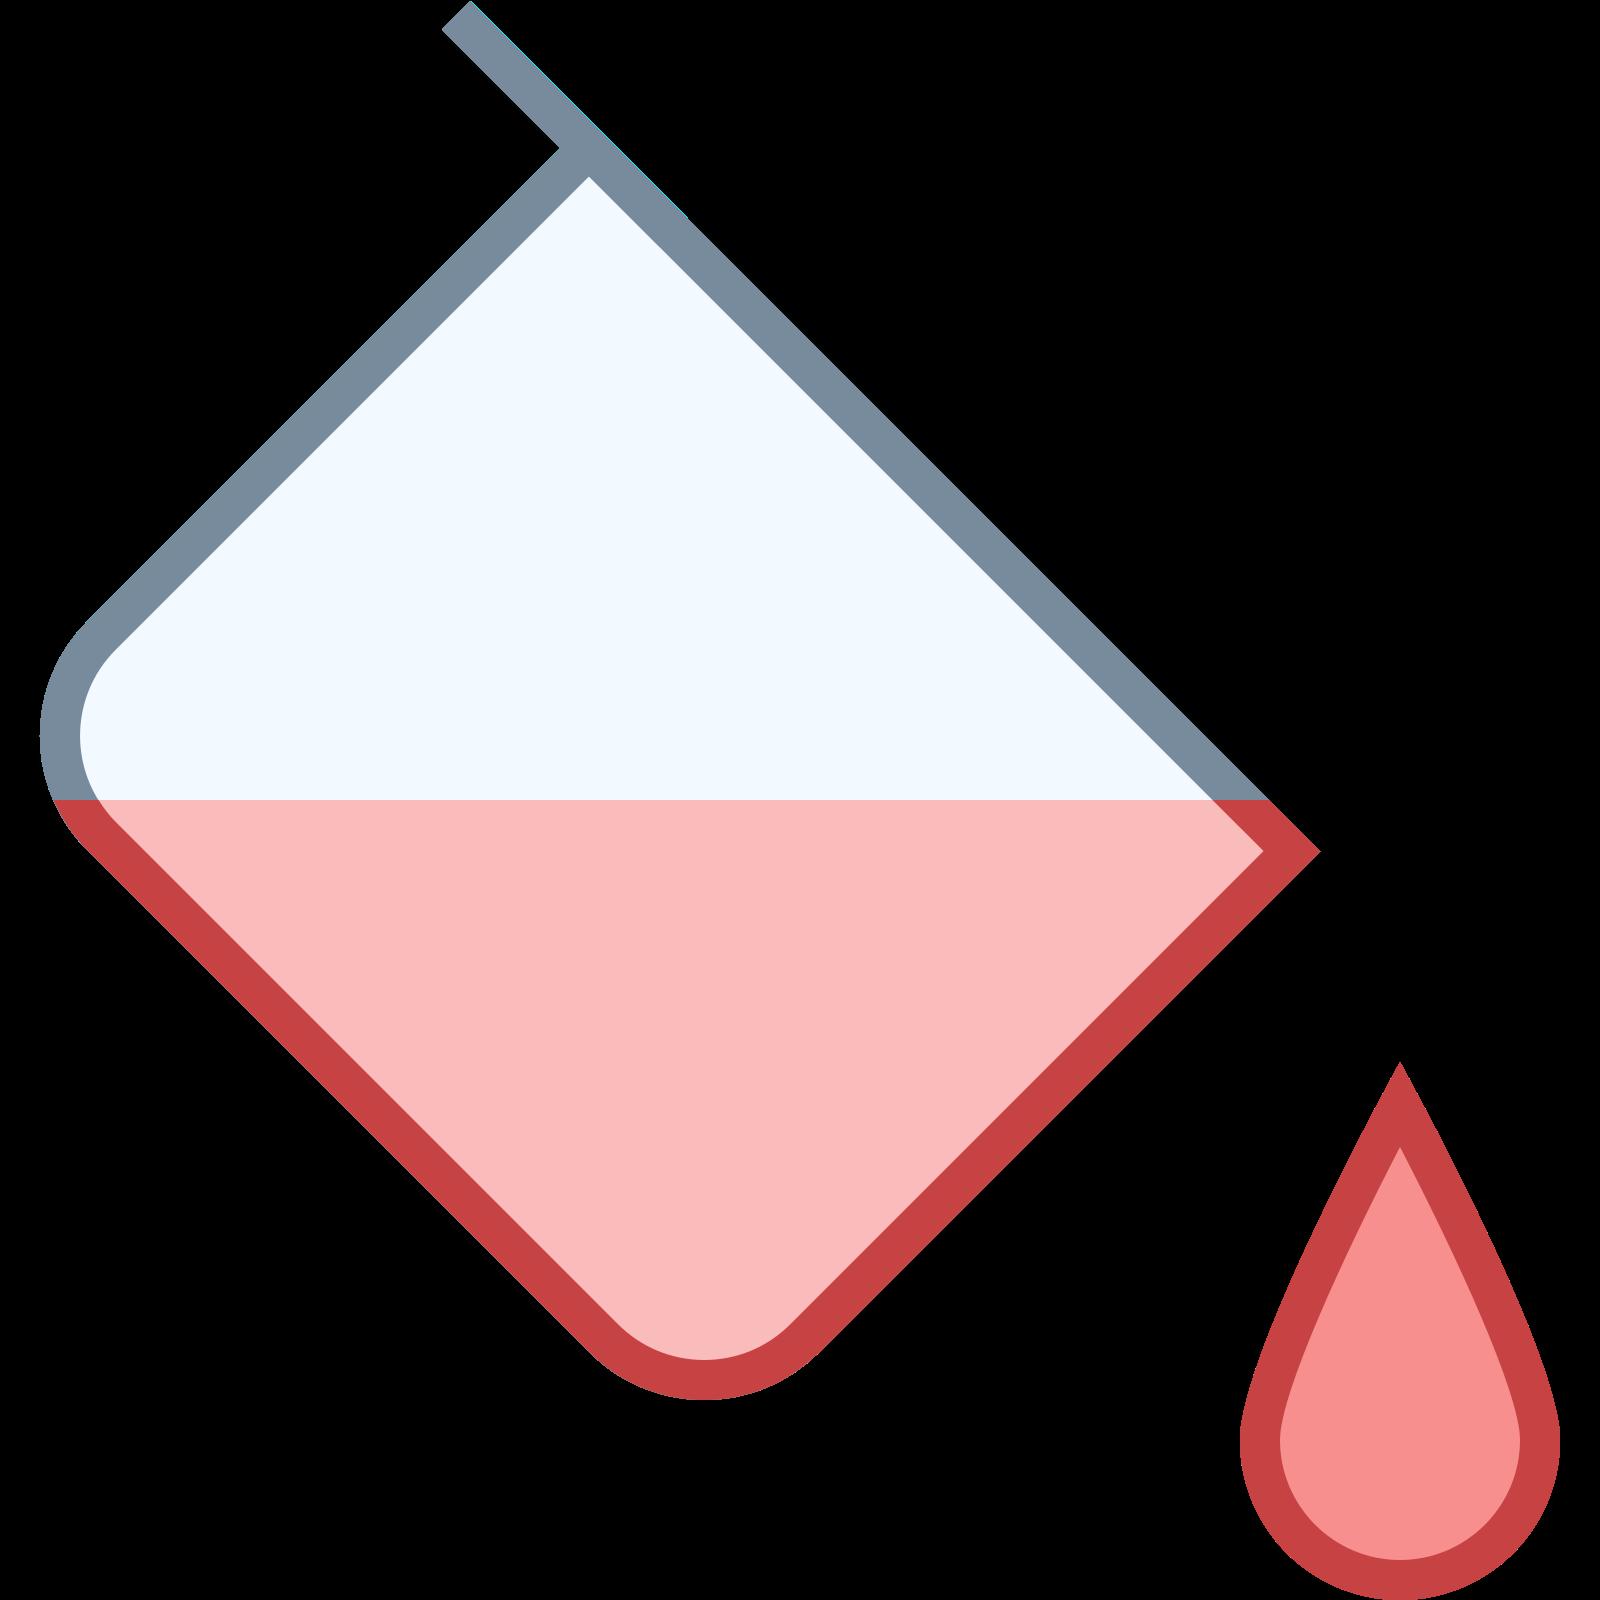 塗りつぶしの色 icon. This looks like a square turned on its side, like a diamond. There is a handle connected to the square, and liquid is dripping out of it.